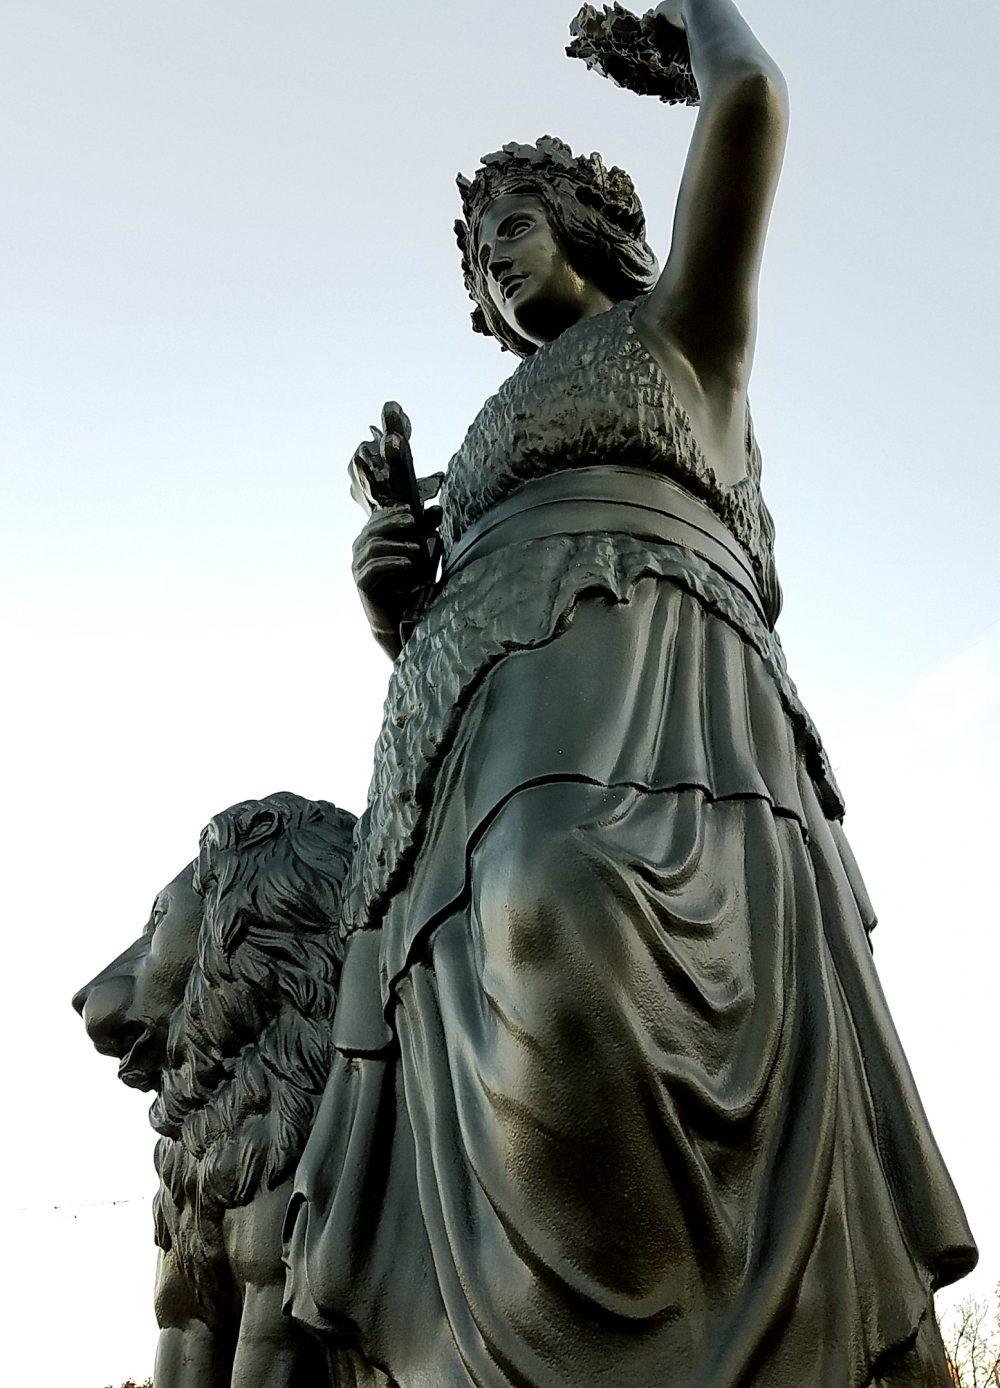 16' tall Lady Bavaria Foam Sculpture Replica - Oktoberfest USA